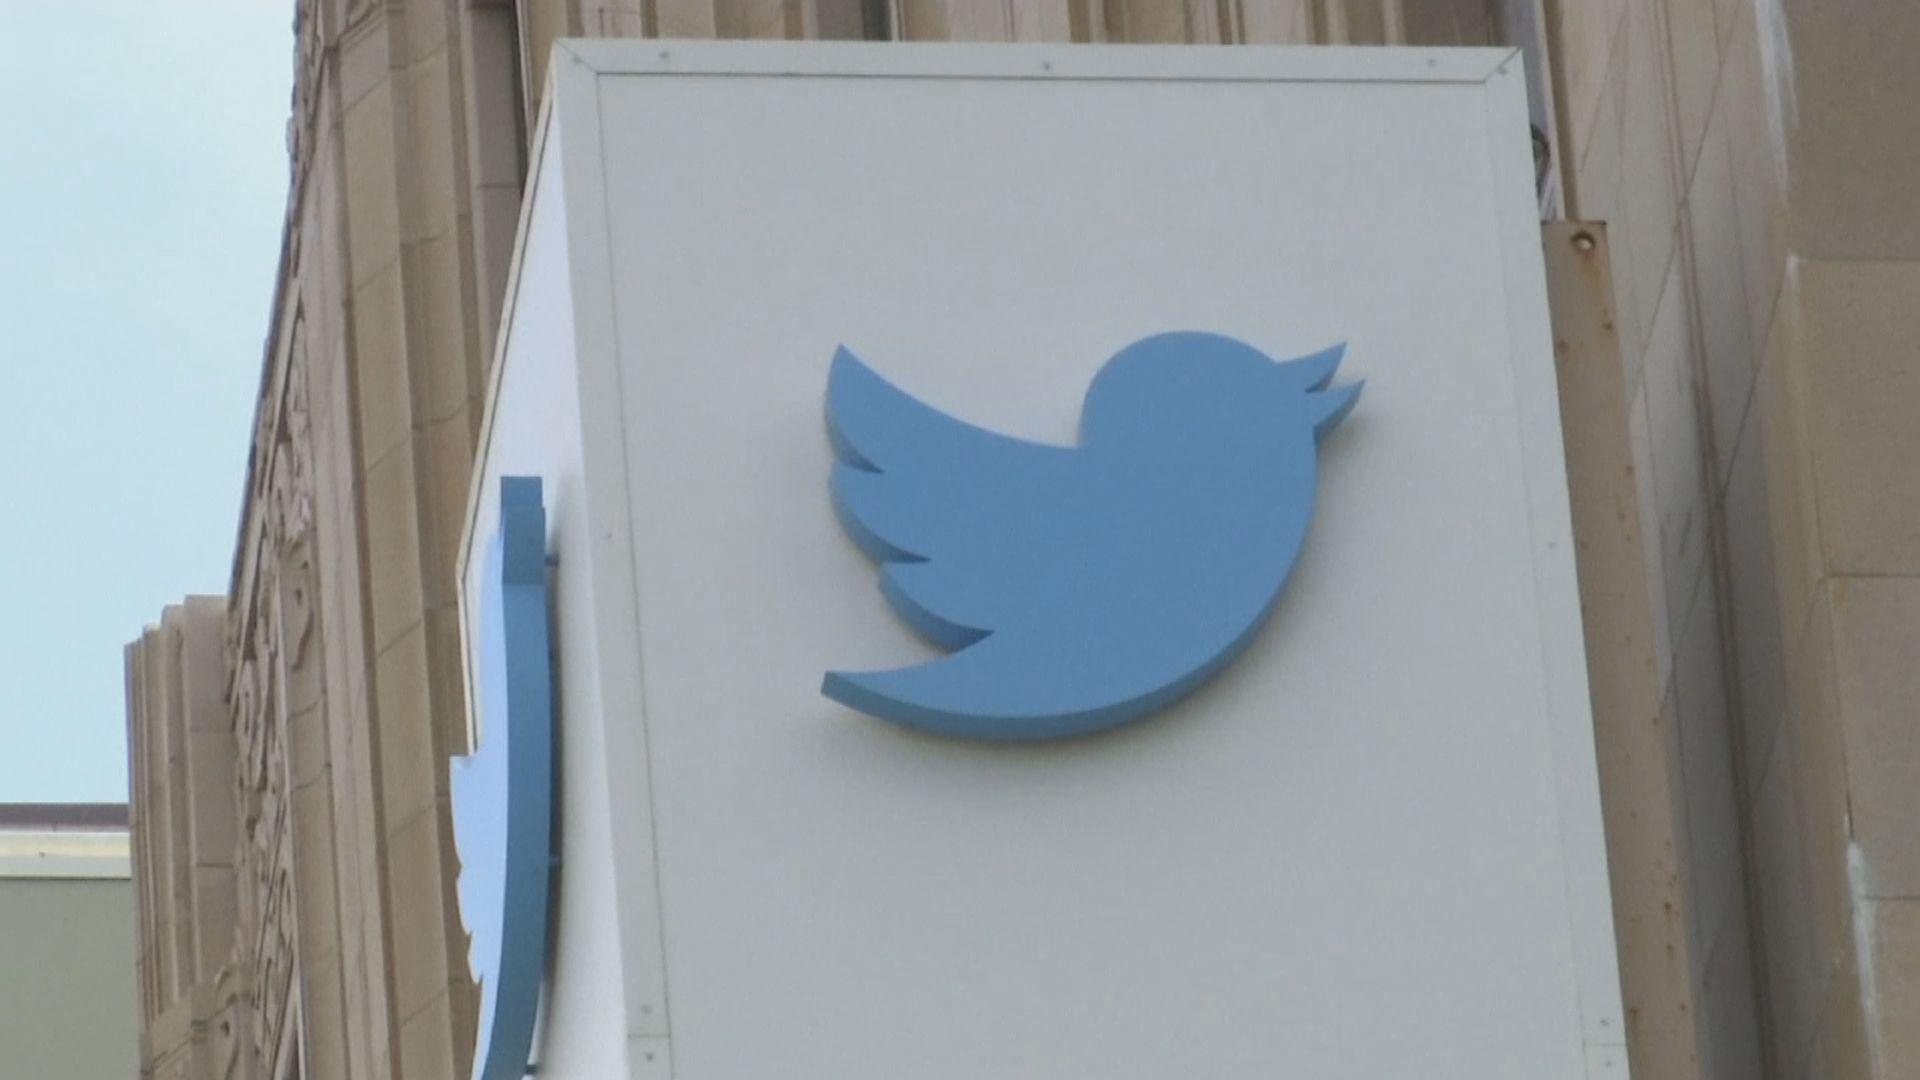 【環球薈報】Twitter懸賞鼓勵用戶助找出演算法偏見